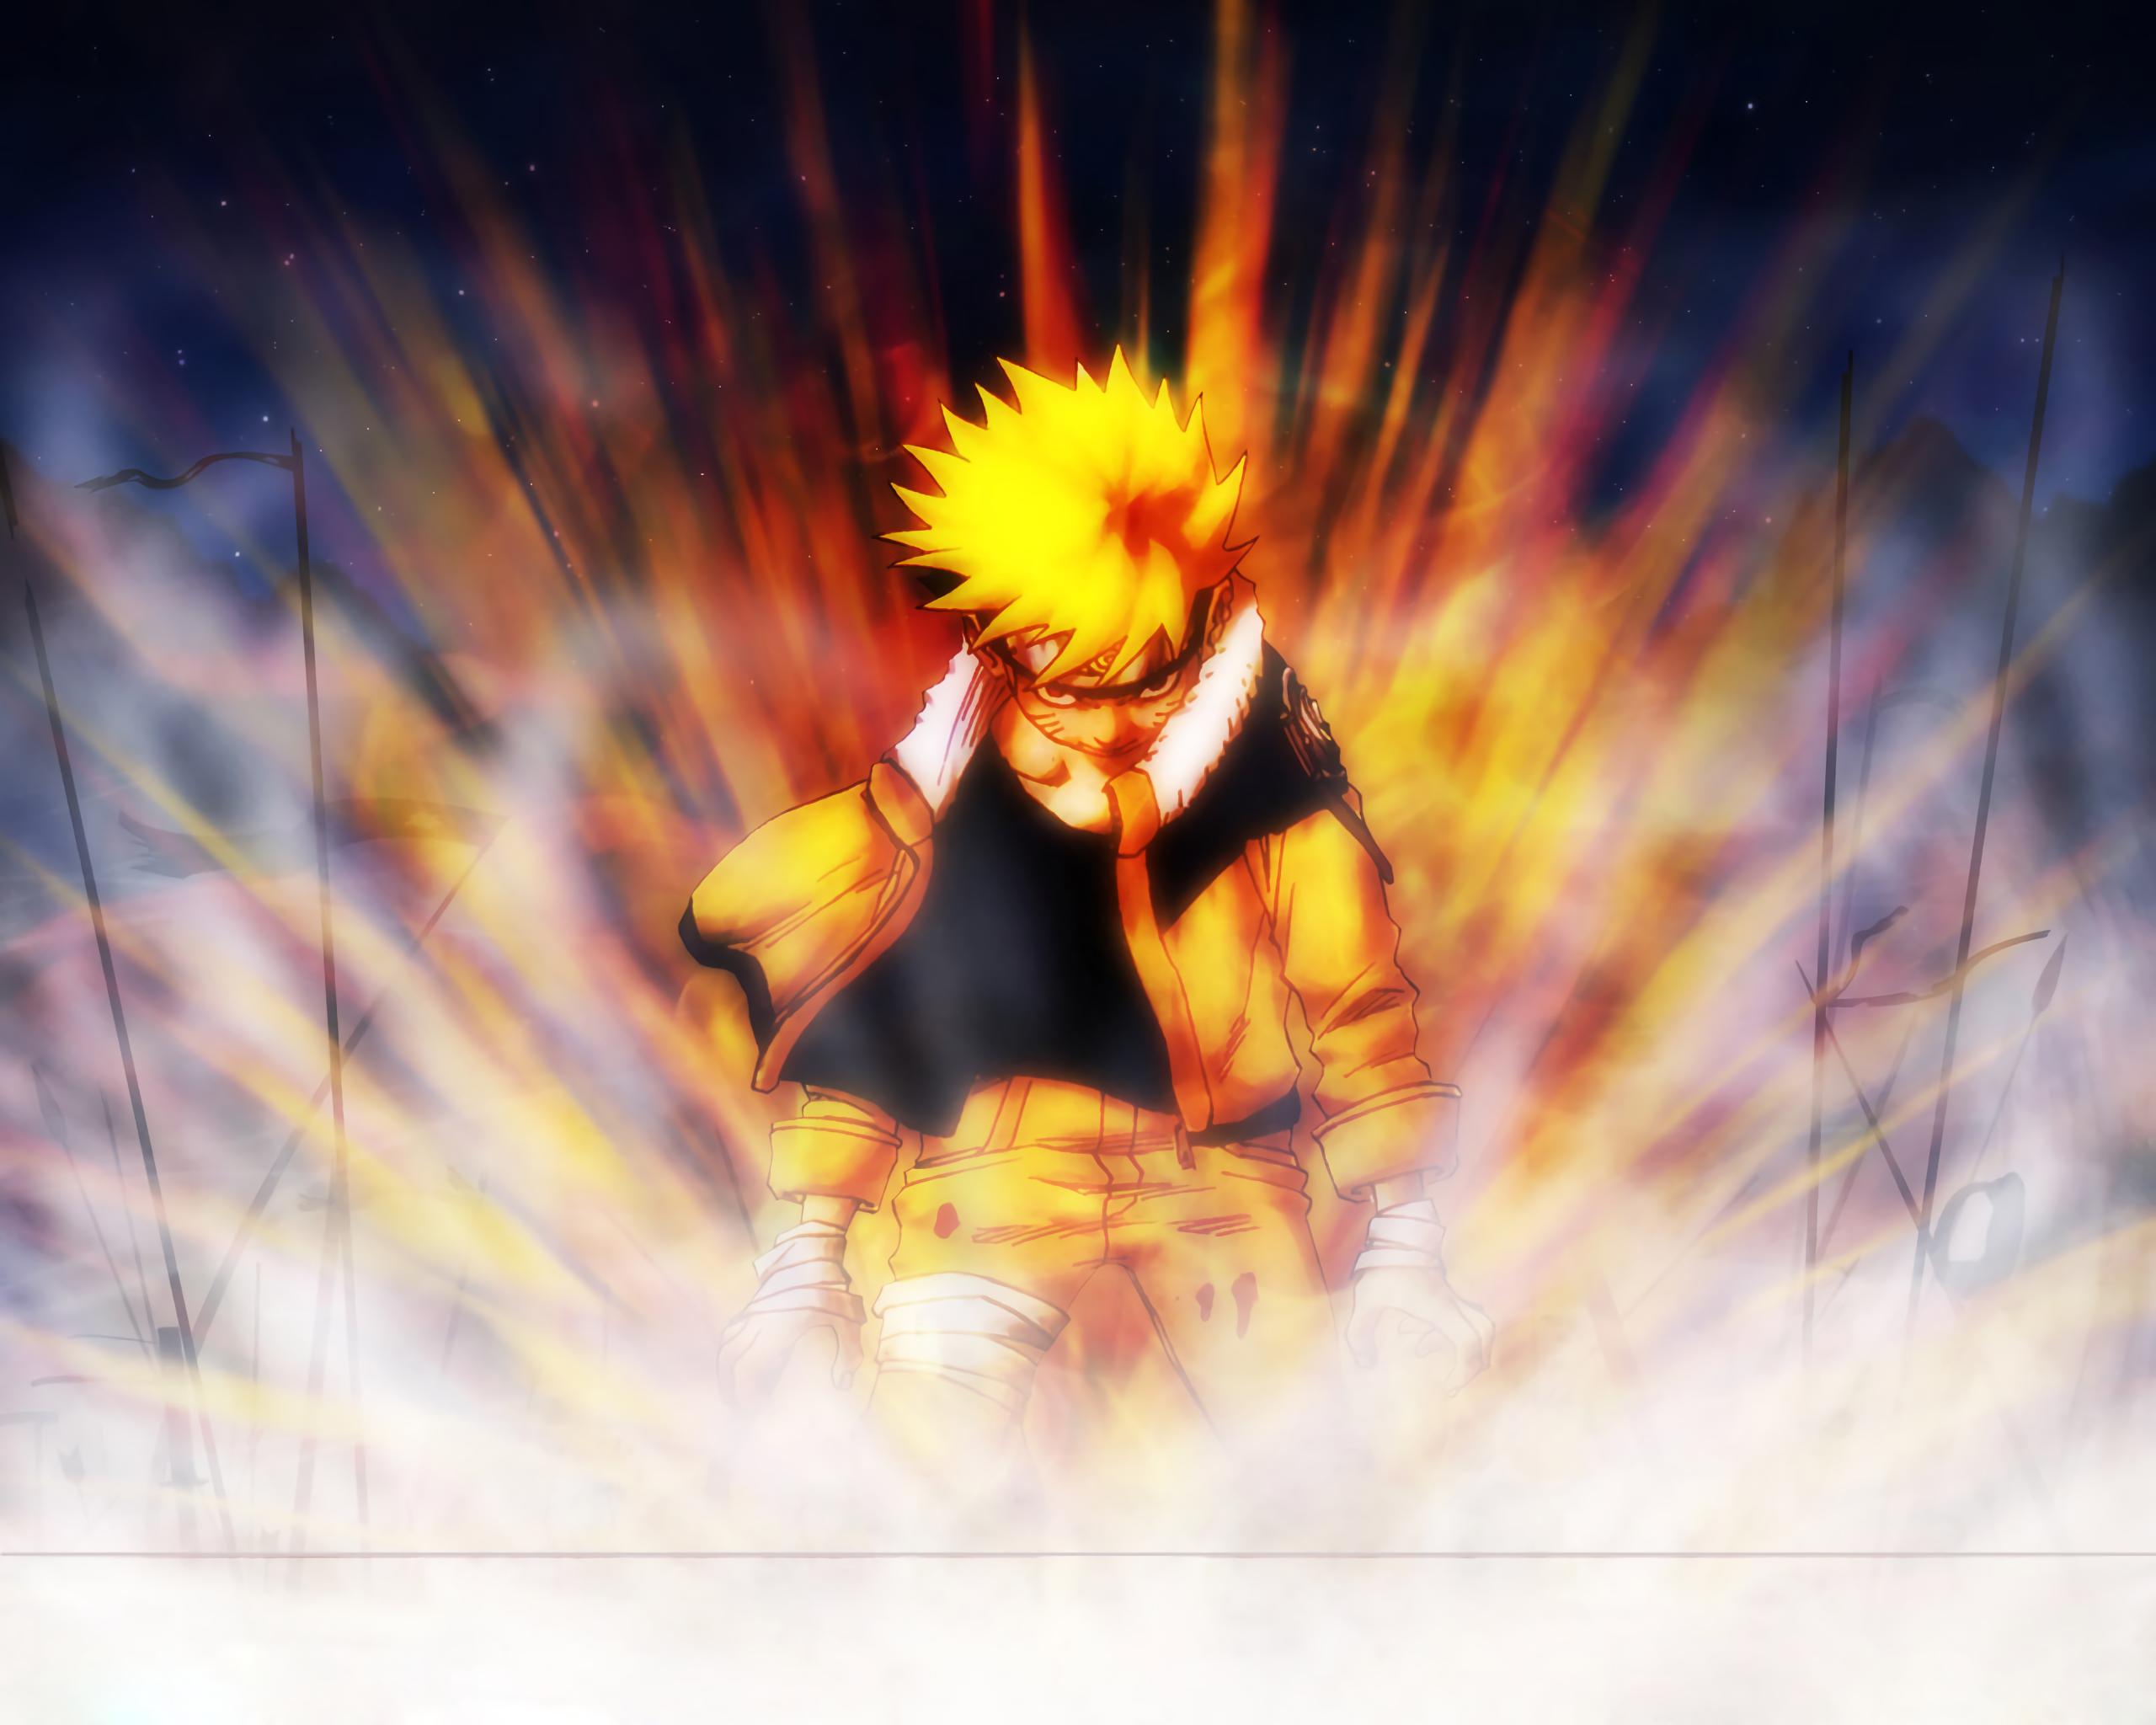 Wallpaper Naruto Keren Untuk Android Di 2020 Naruto Uzumaki